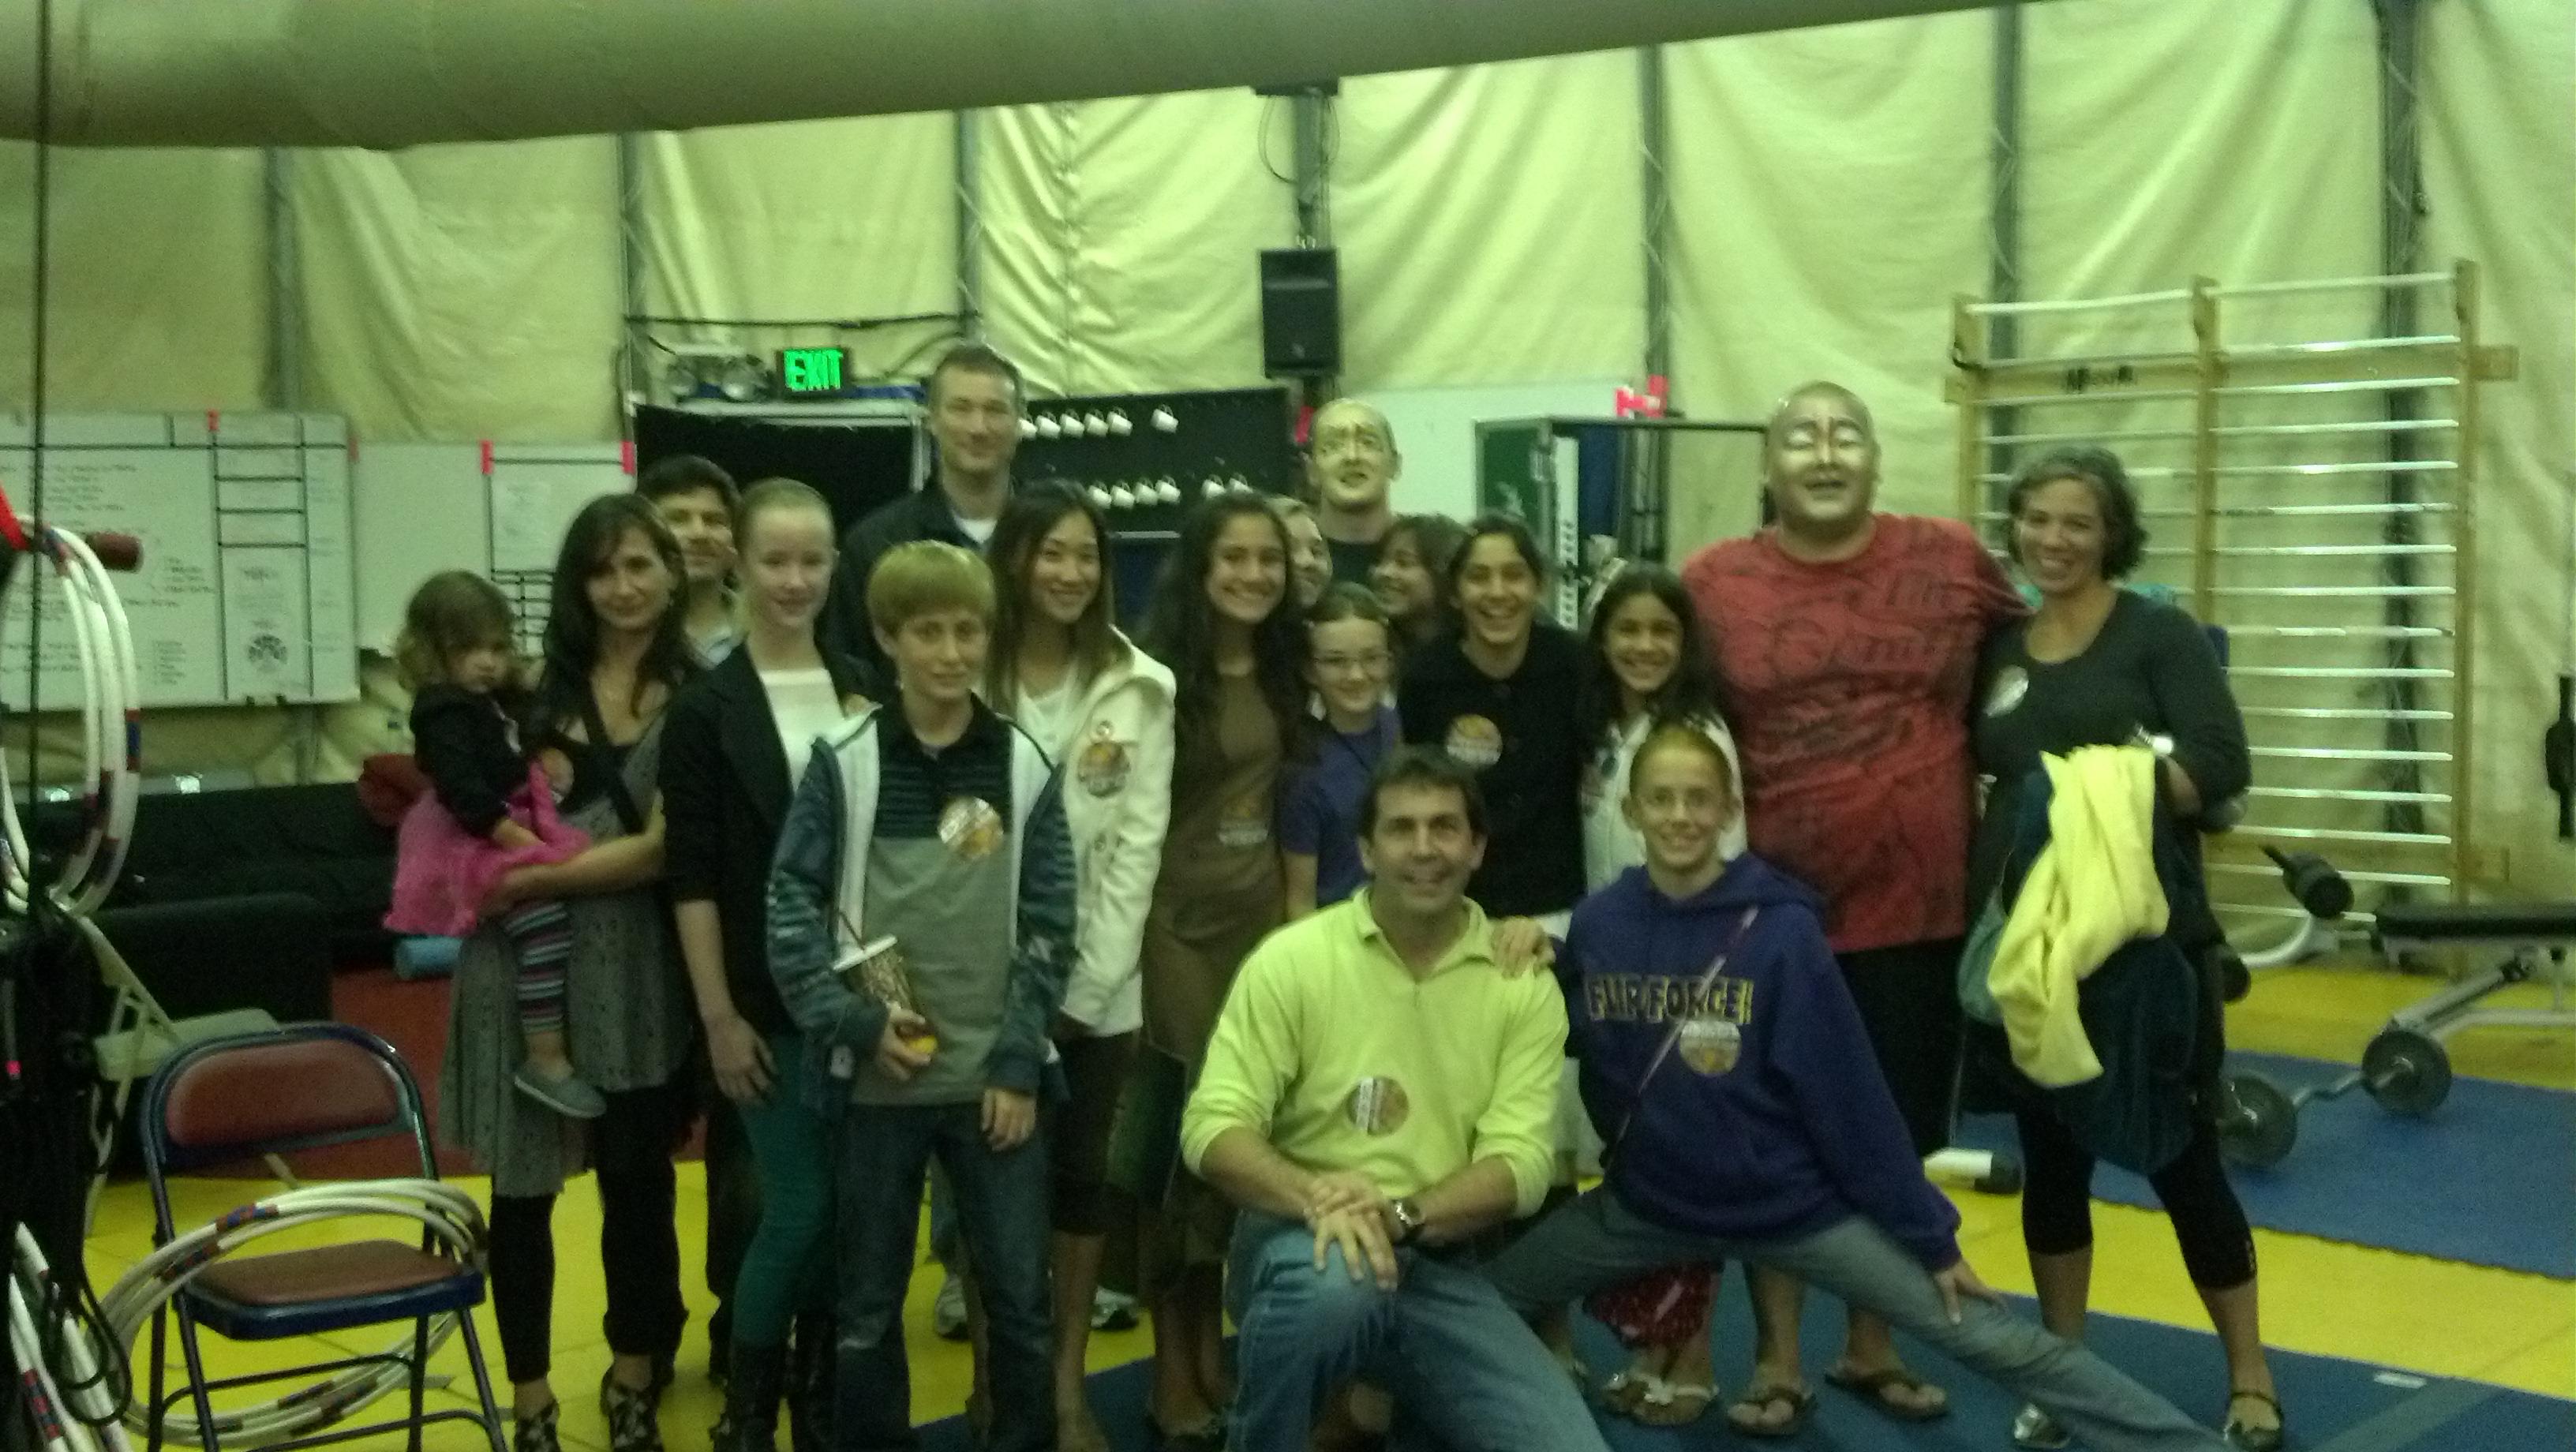 SDCC Students visit Cirque du Soleil's TOTEM